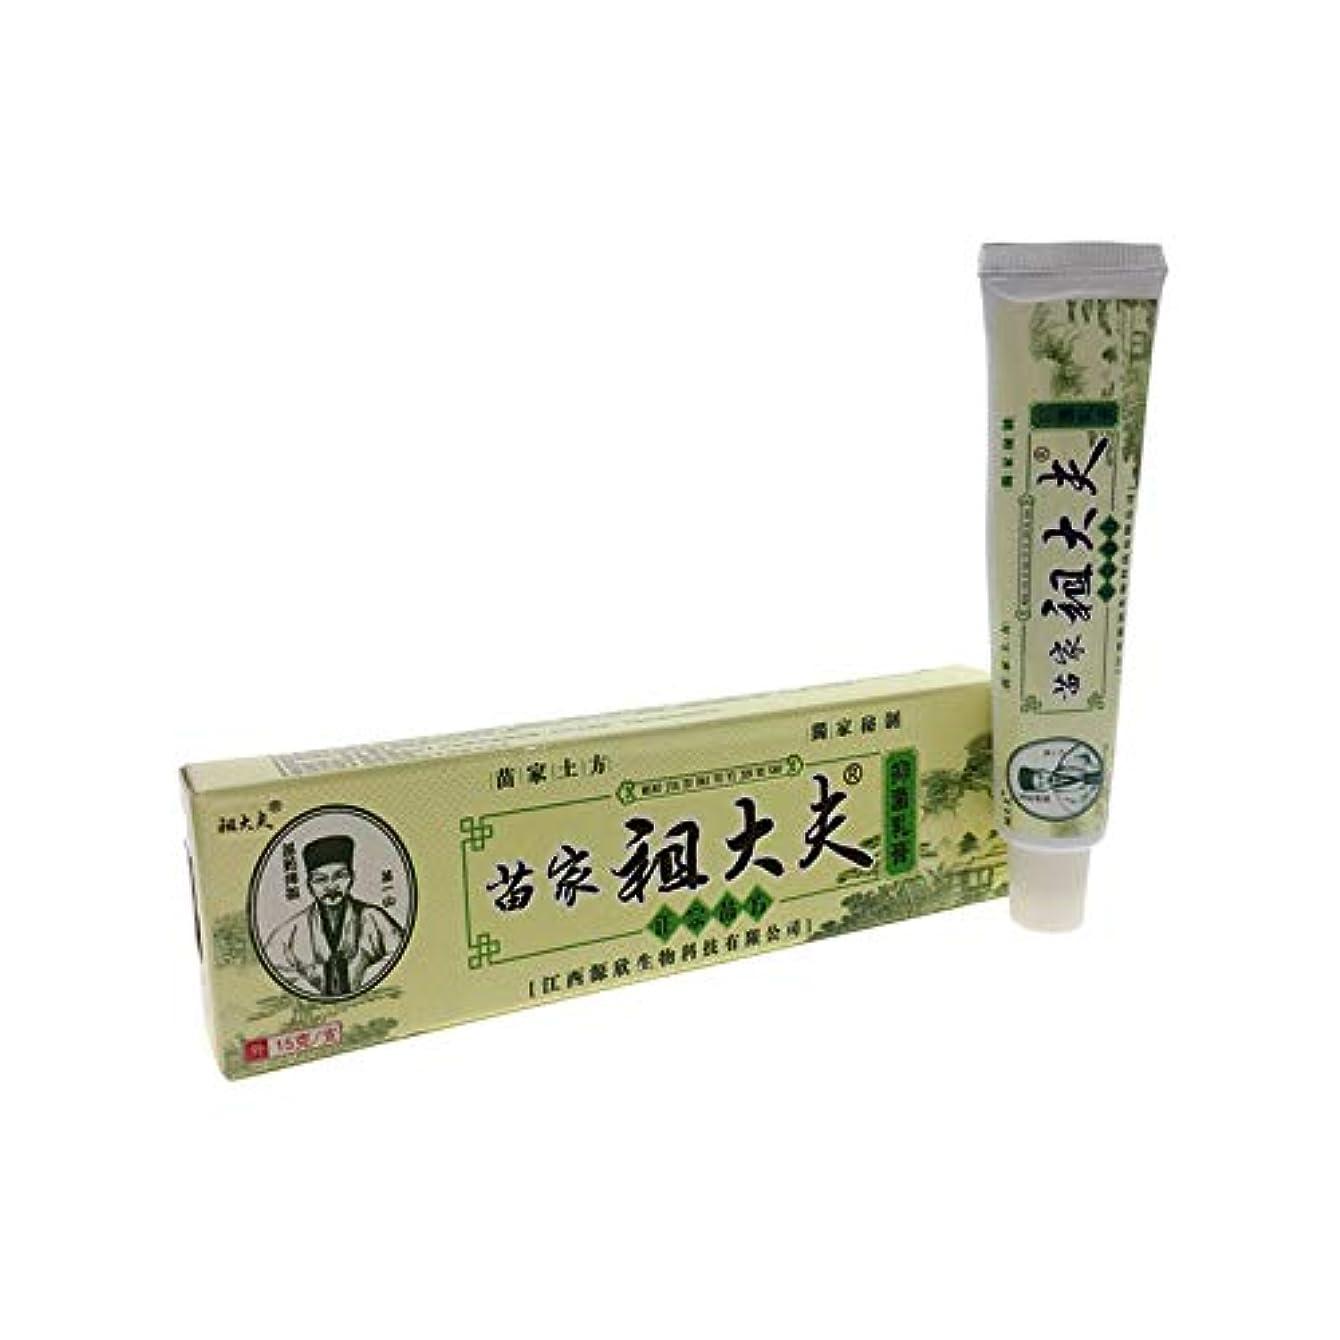 破壊的管理する配置RaiFu ハーブ 乾癬湿疹 軟膏 スキン ラッシュ クリーム